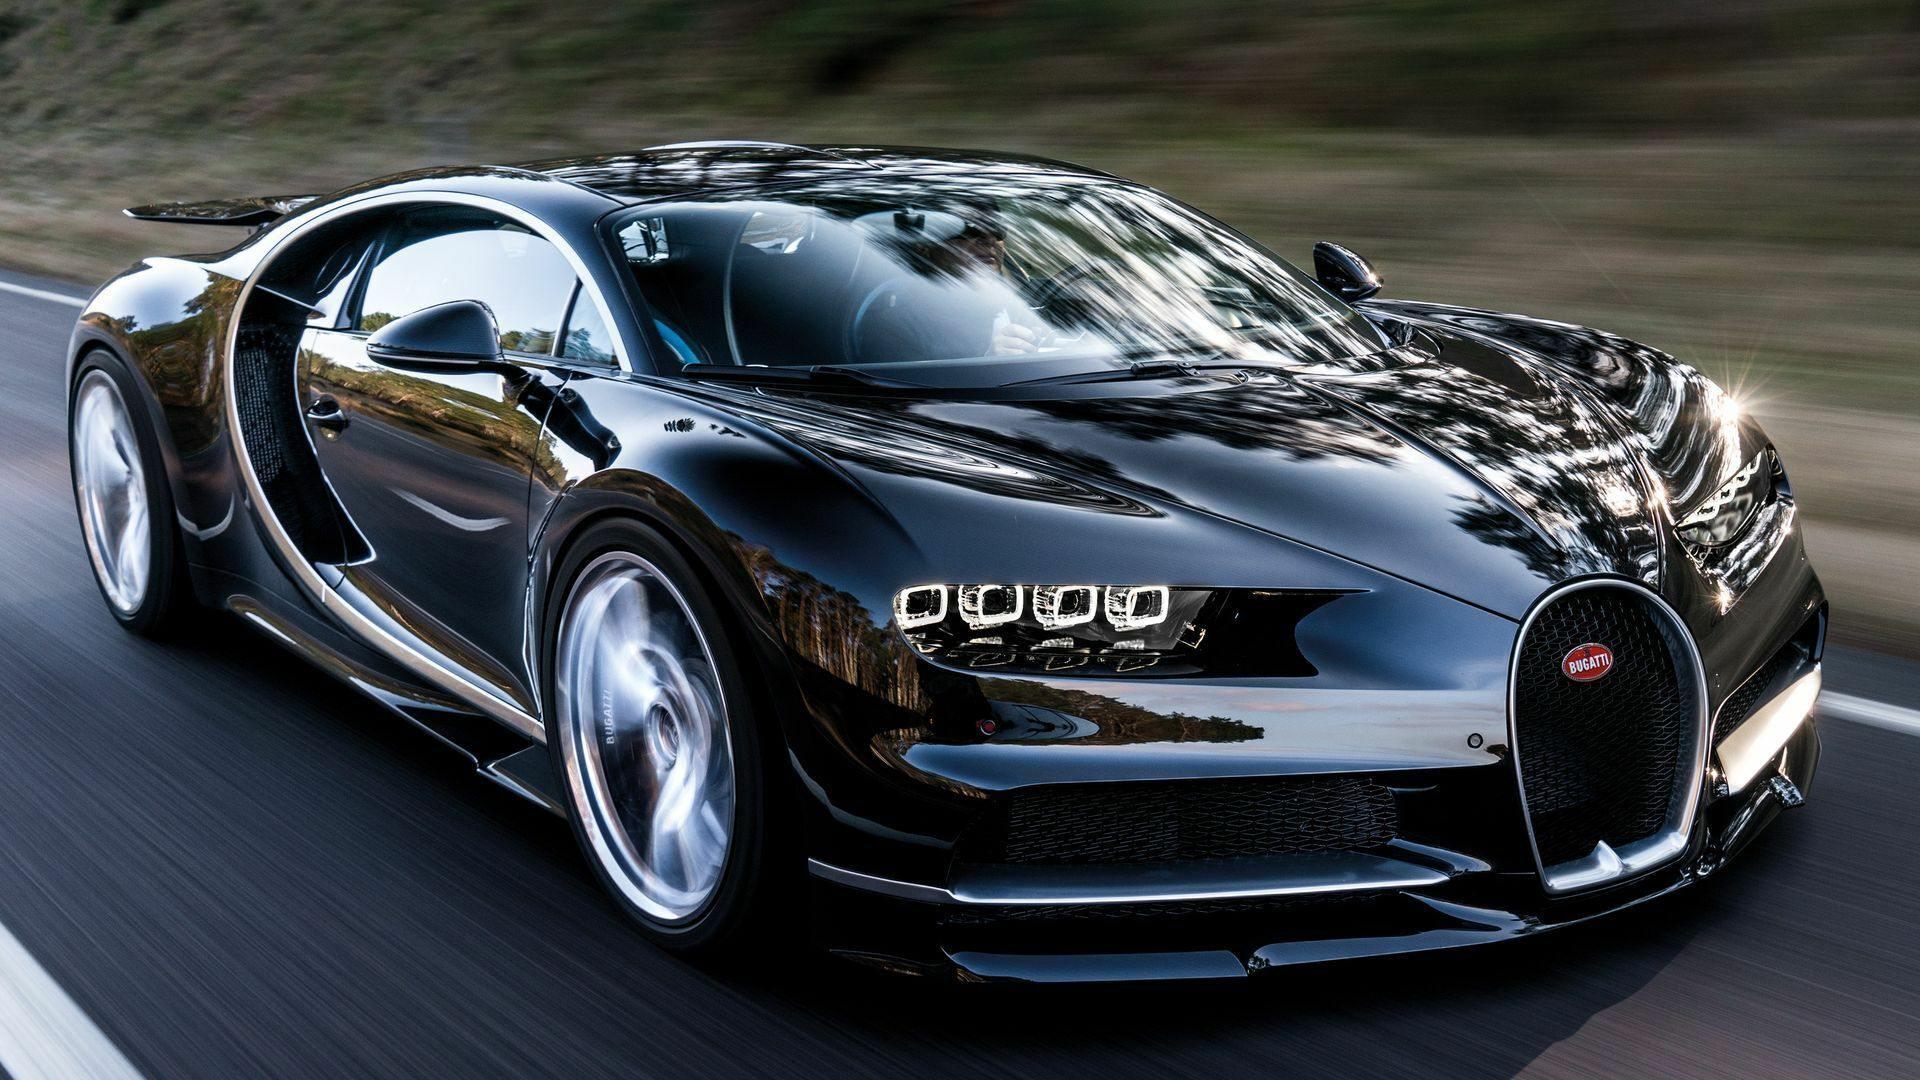 Bugatti llama a revisión a varias unidades por fallos en el control de estabilidad y posible rotura de un palier